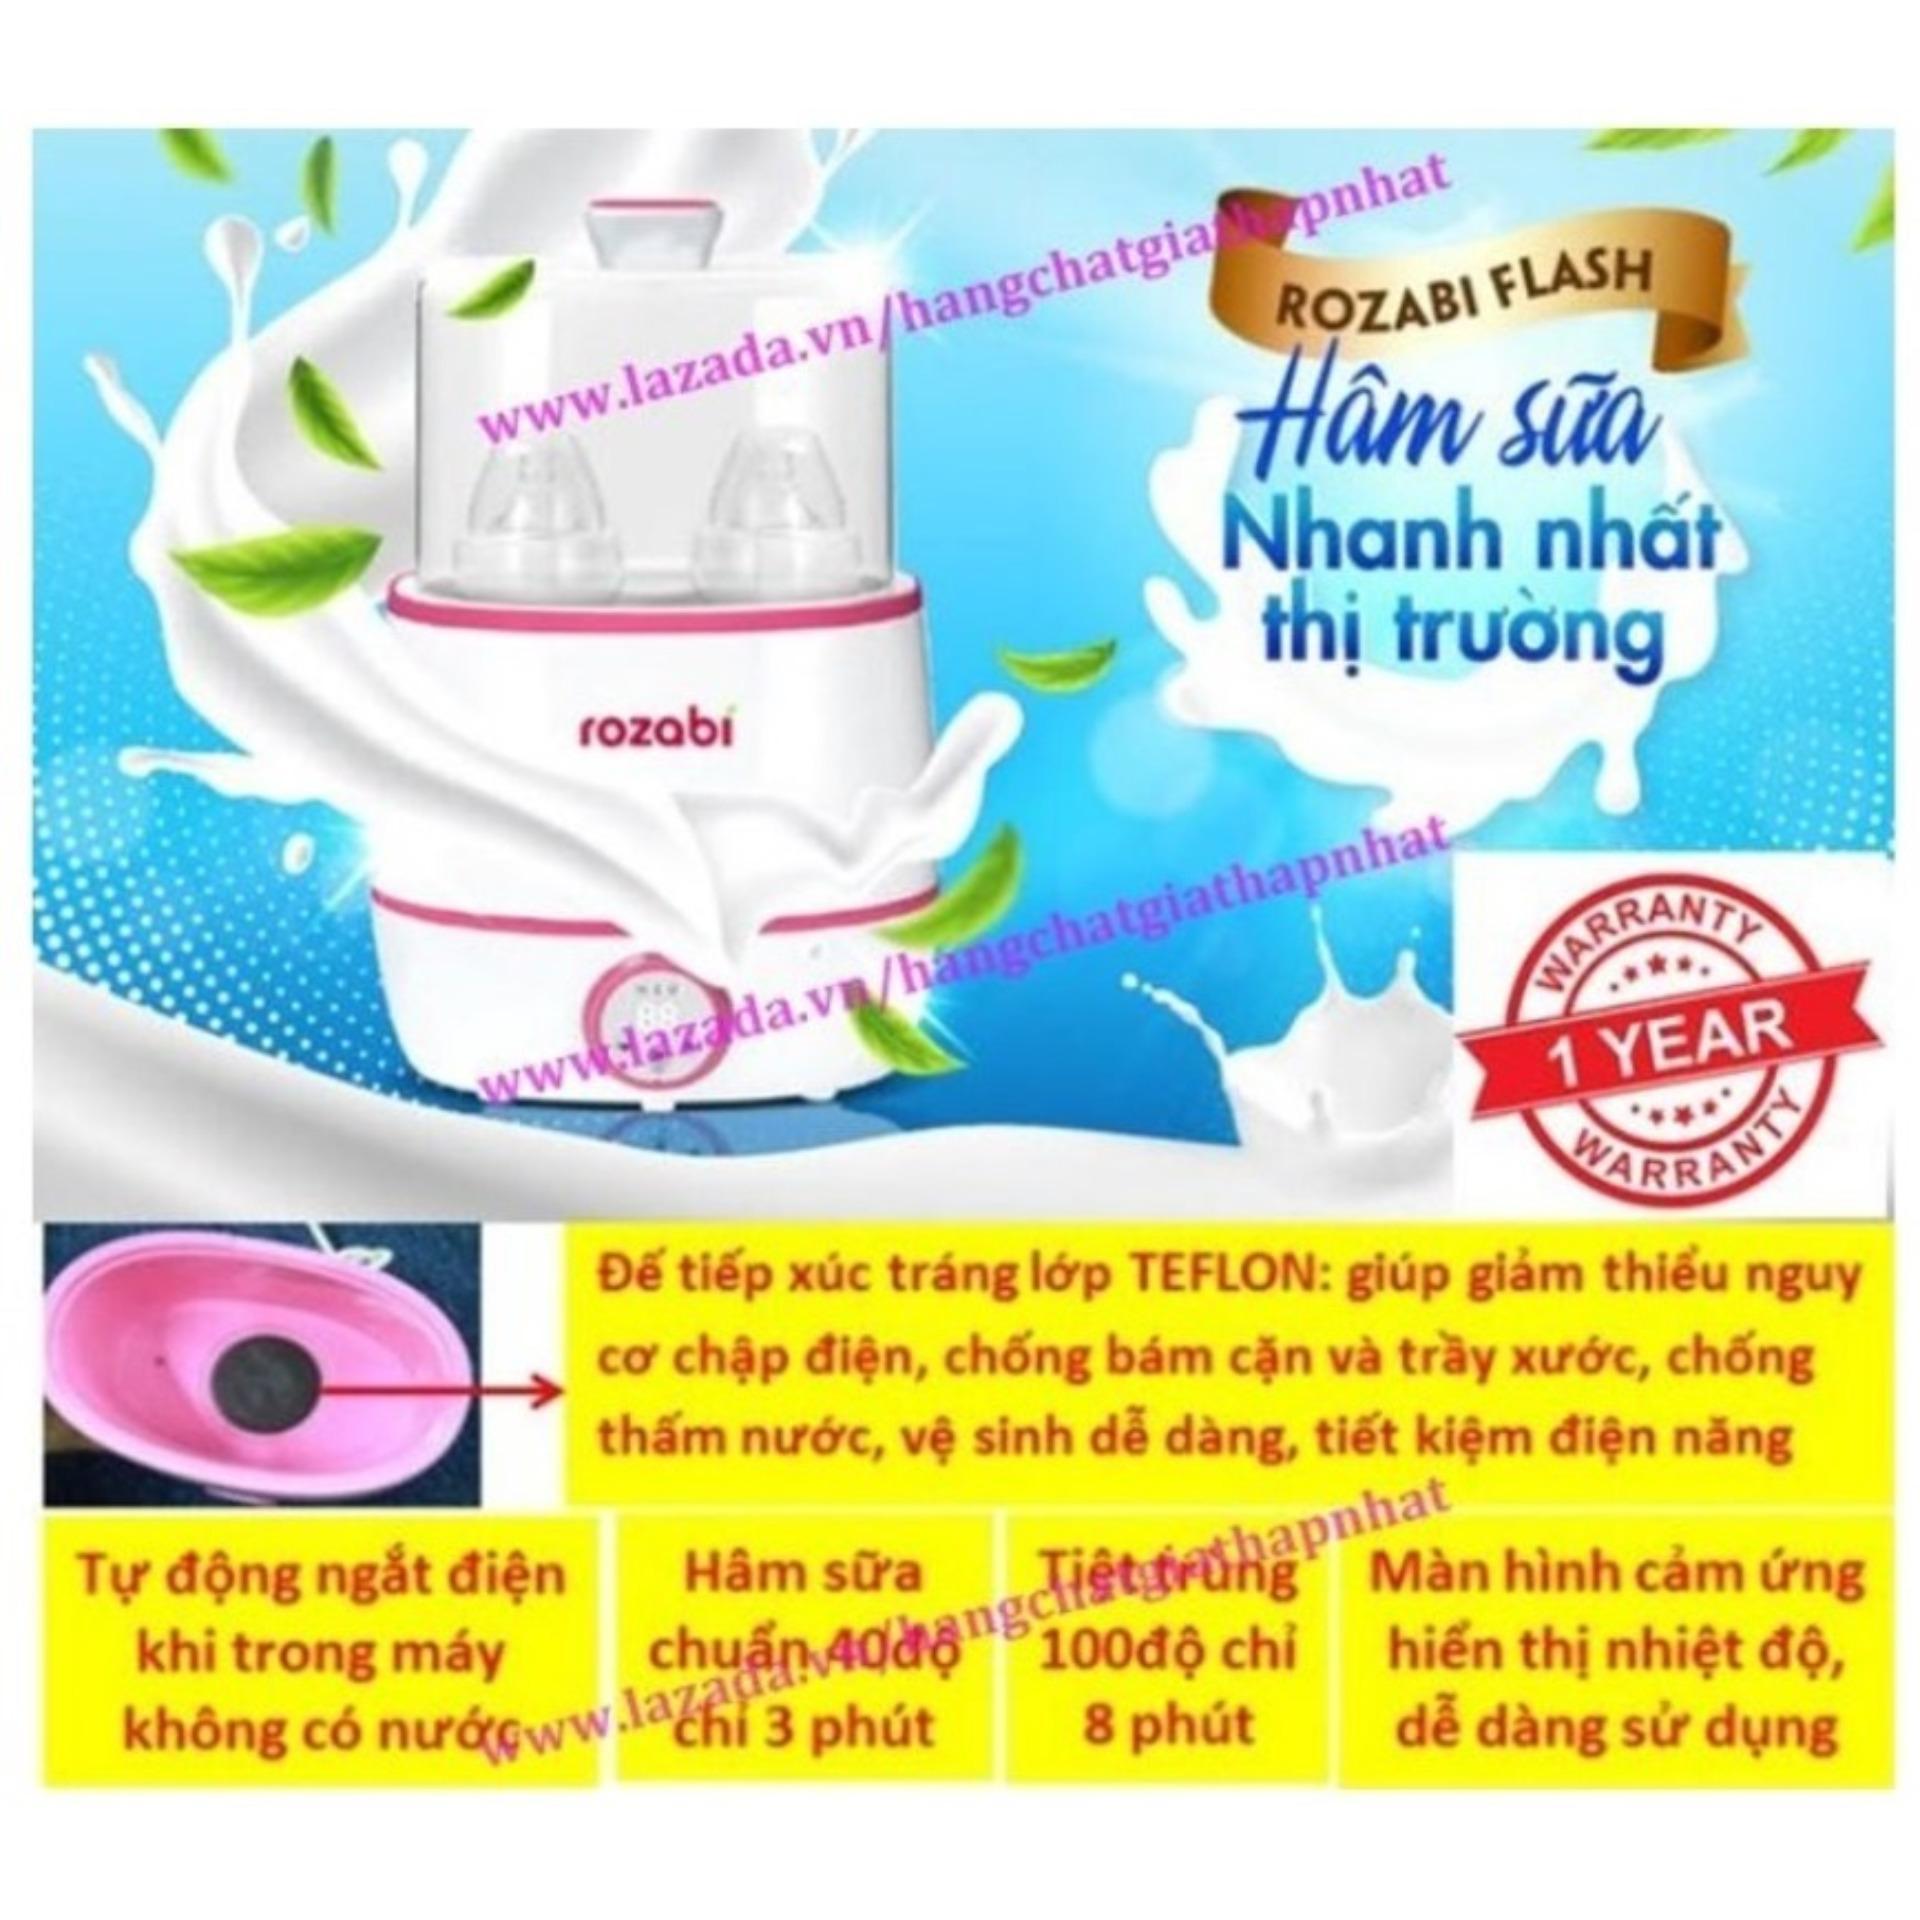 Máy hâm sữa tiệt trùng siêu tốc cao cấp Rozabi Flash 500W HB-055E (Tốt và rẻ so với: Fatzbaby FB3003SL - FB3002SL - FB3012SL Avent Babymoov Kenjo Kuku Beurer Chicco Farlin Medela Dr Brown Nuk Gluck) (Hot)